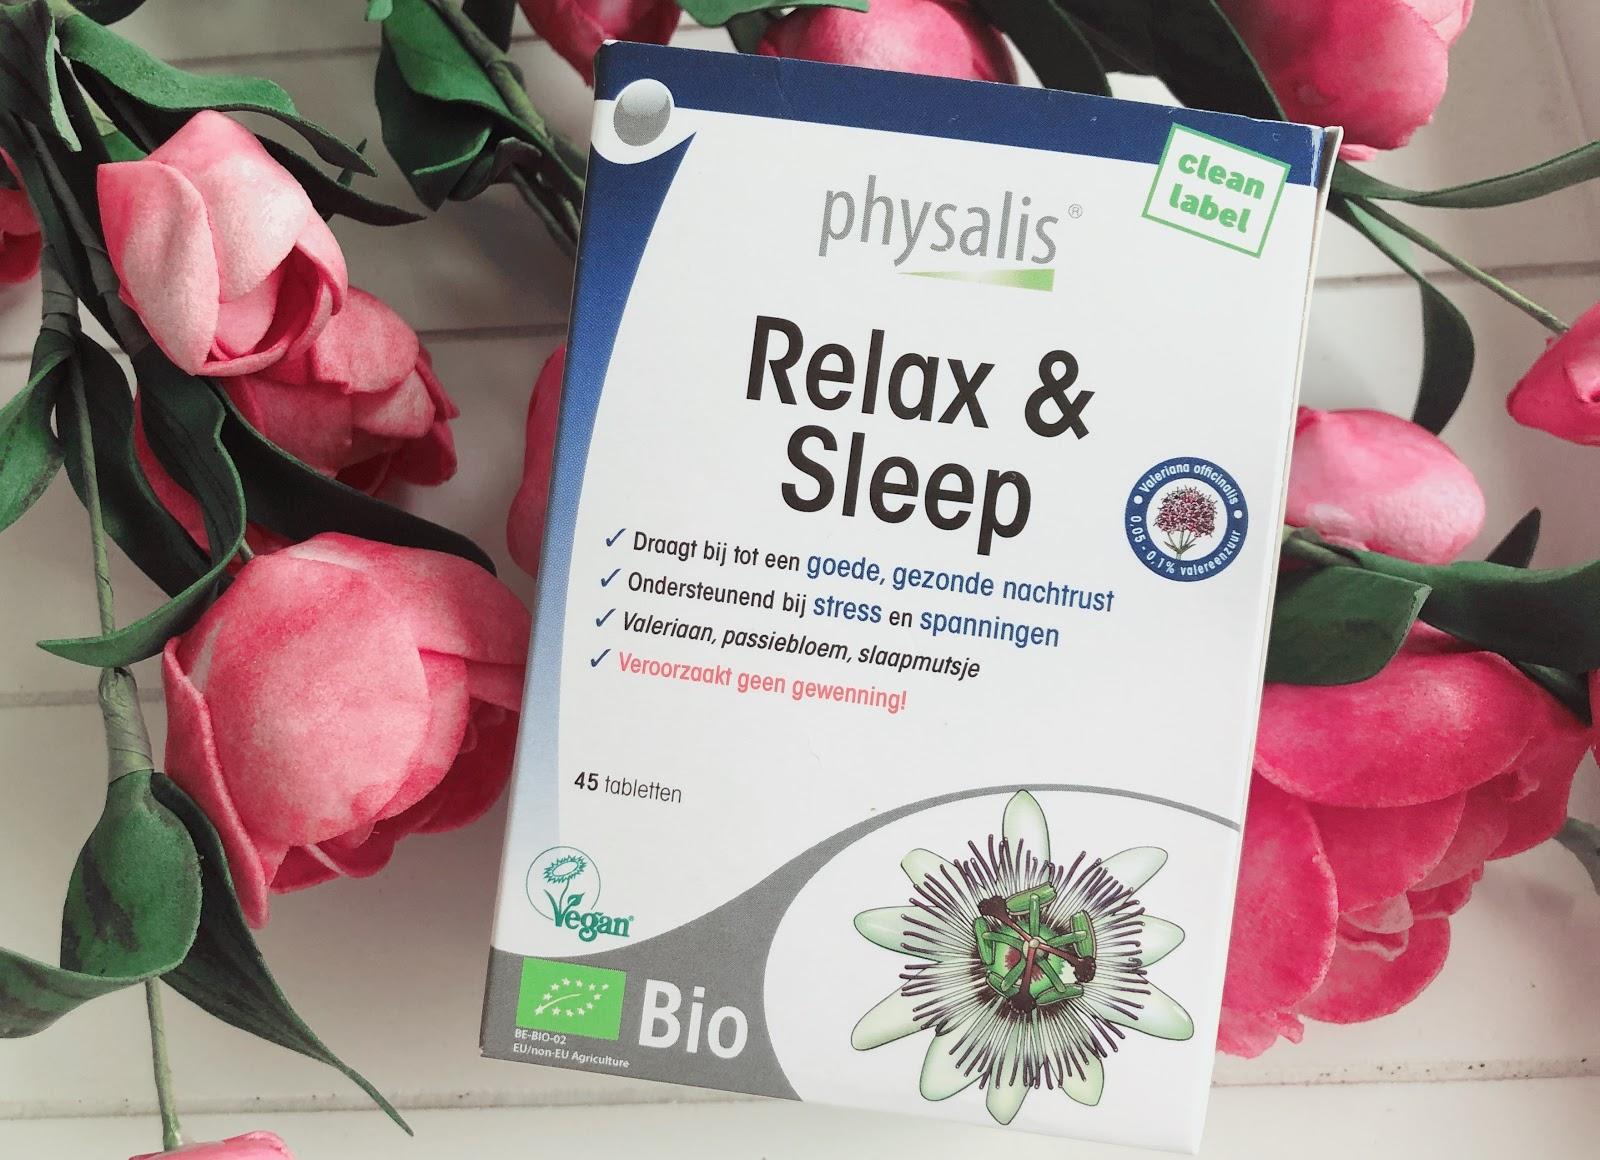 Physalis Relax & Sleep, voor een goede en gezonde nachtrust